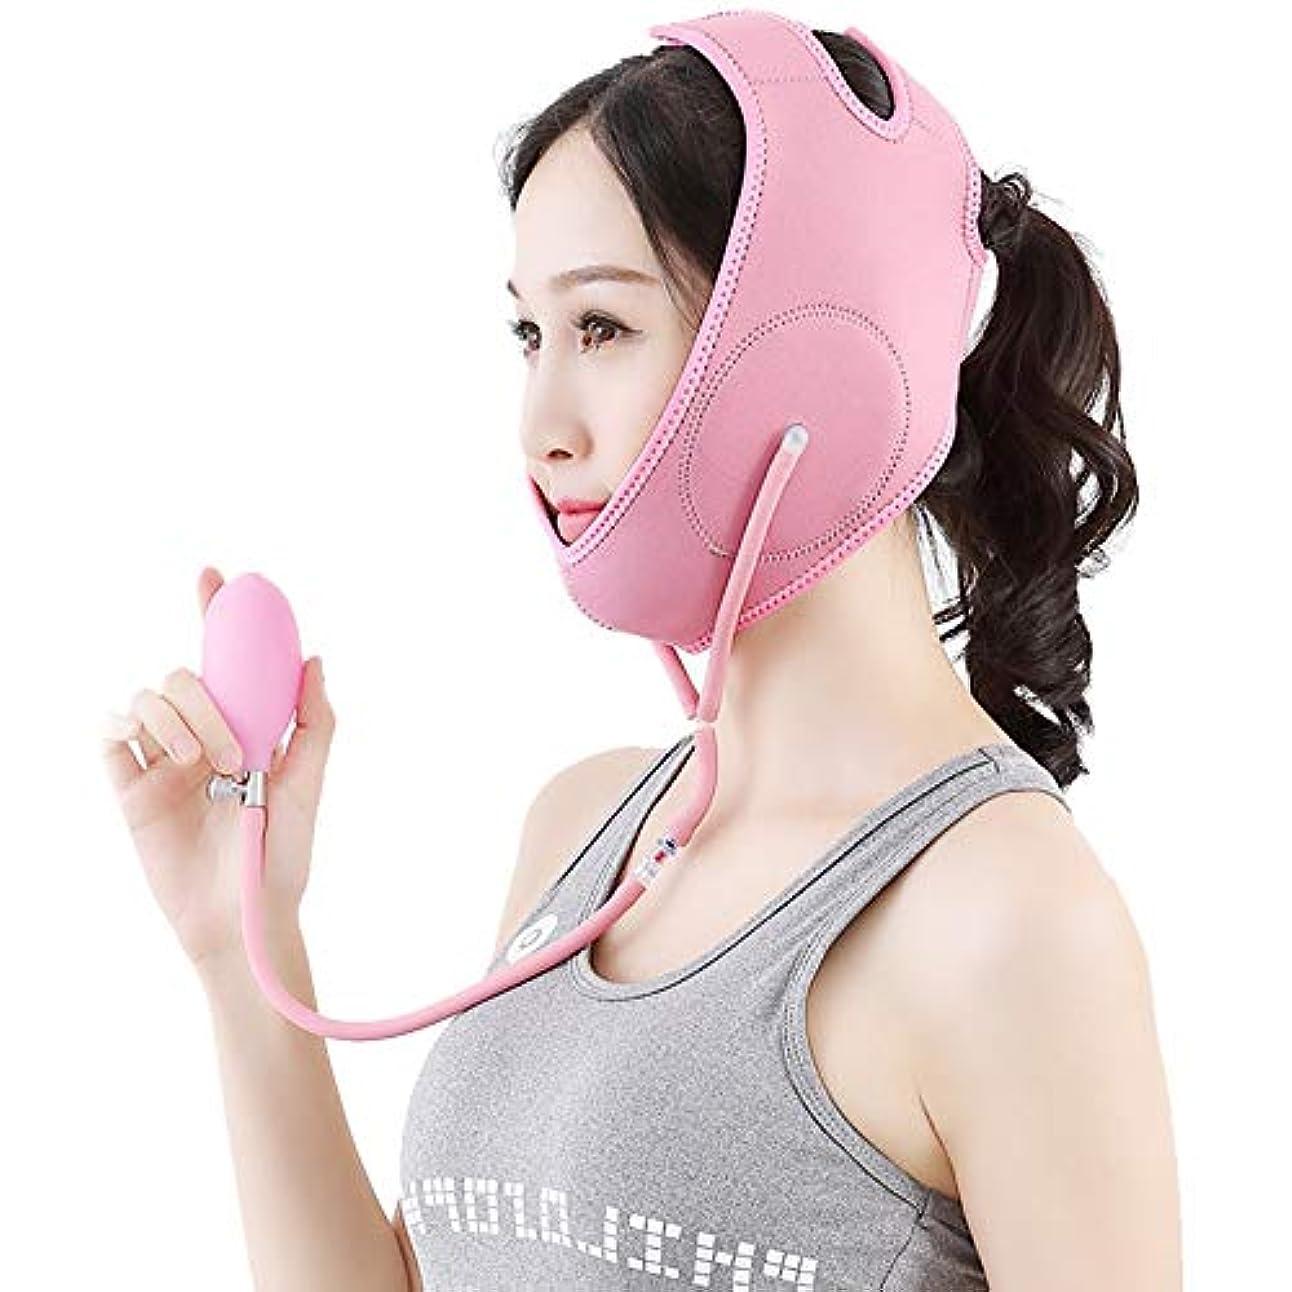 解読するドラマ硫黄XINGZHE フェイシャルリフティング痩身ベルトダブルエアバッグ圧力調整フェイス包帯マスク整形マスクが顔を引き締める フェイスリフティングベルト (色 : ピンク, サイズ さいず : M)